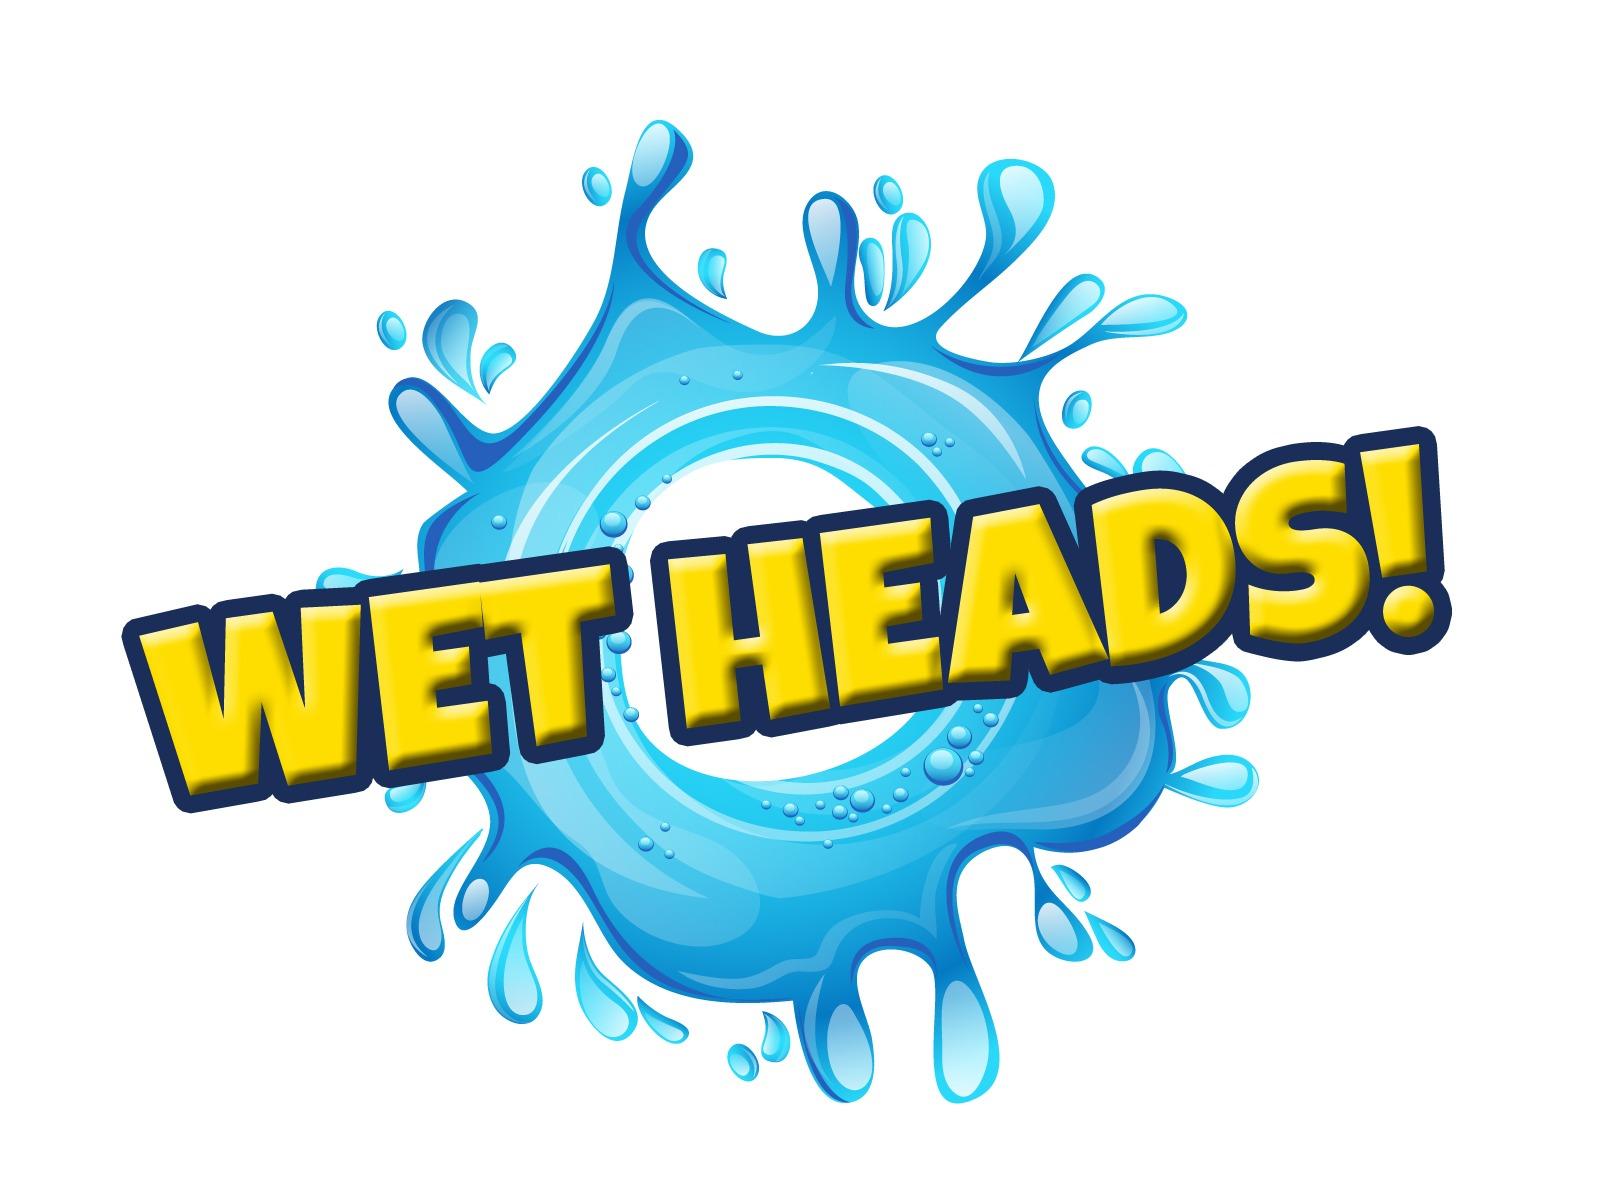 Wet Heads